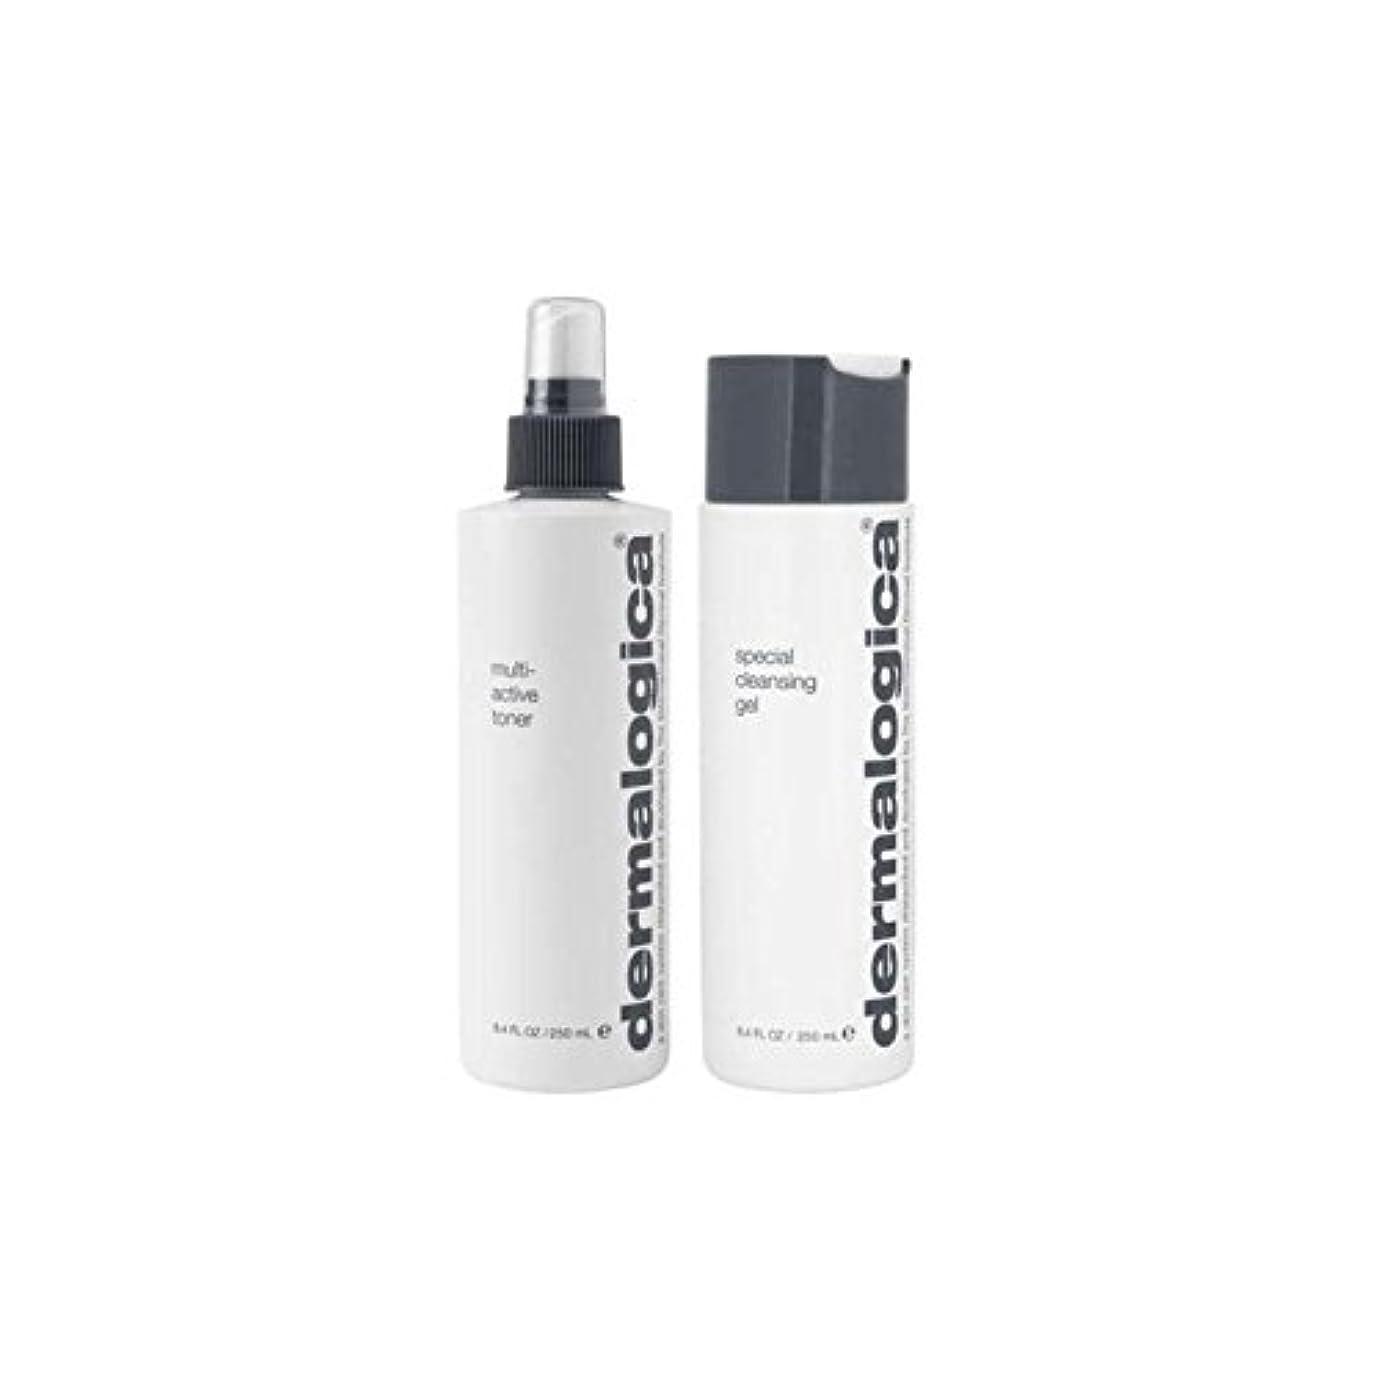 用心想定する解読するDermalogica Cleanse & Tone Duo - Normal/Dry Skin (2 Products) - ダーマロジカクレンジング&トーンデュオ - ノーマル/ドライスキン(2製品) [並行輸入品]